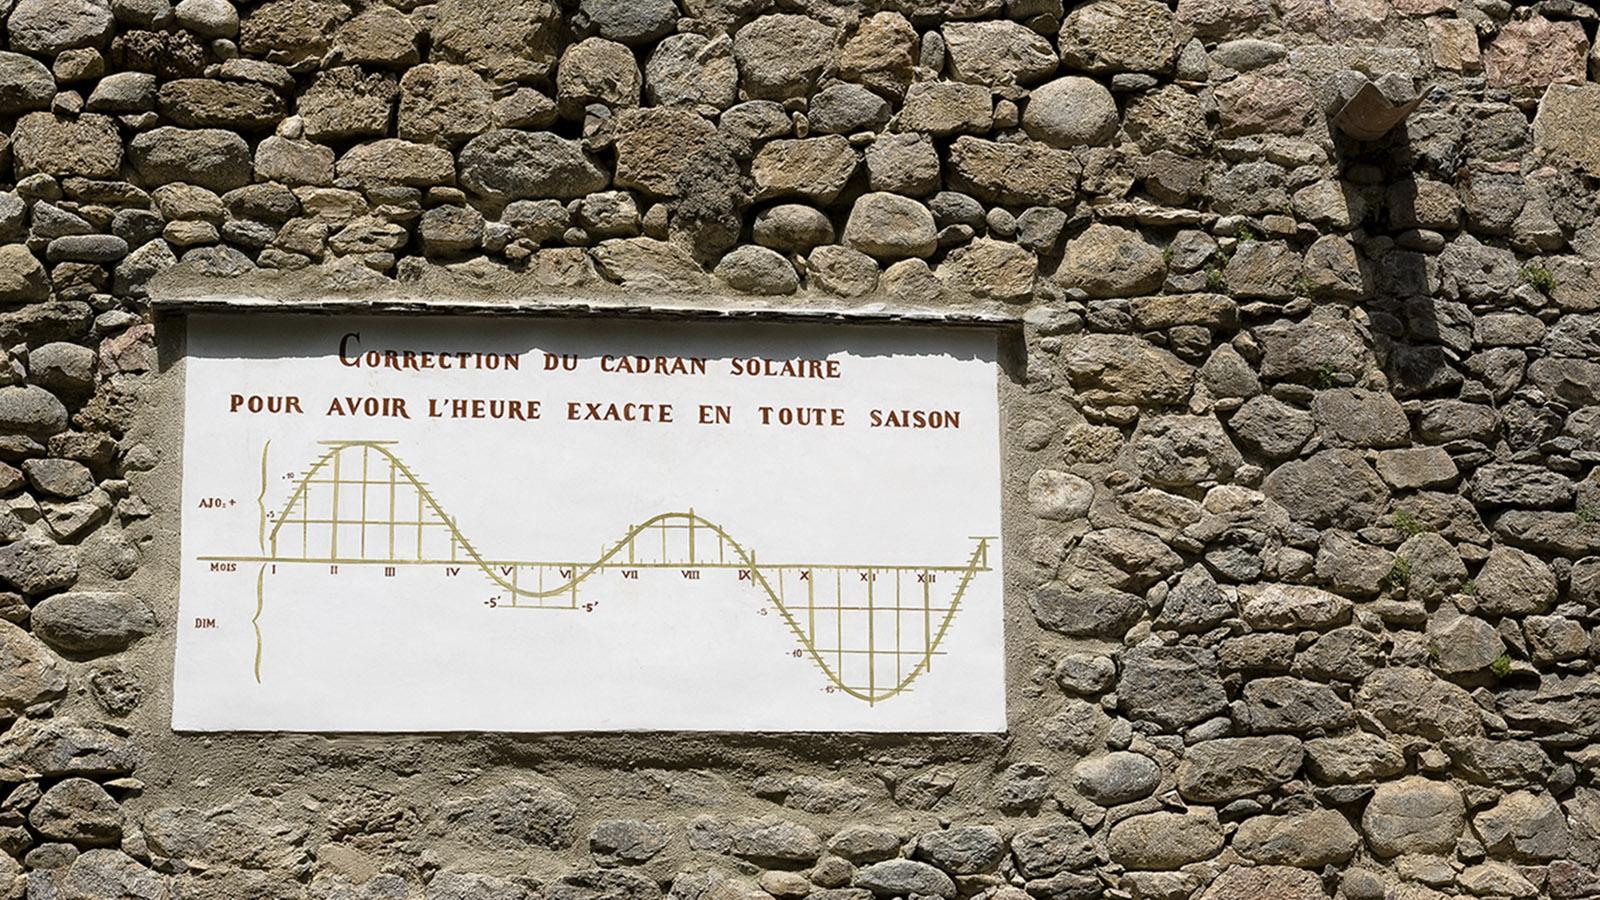 Villefranche-de-Conflent: die Sonnenuhr und ihre Abweichungen im Jahreslauf. Foto: Hilke Maunder